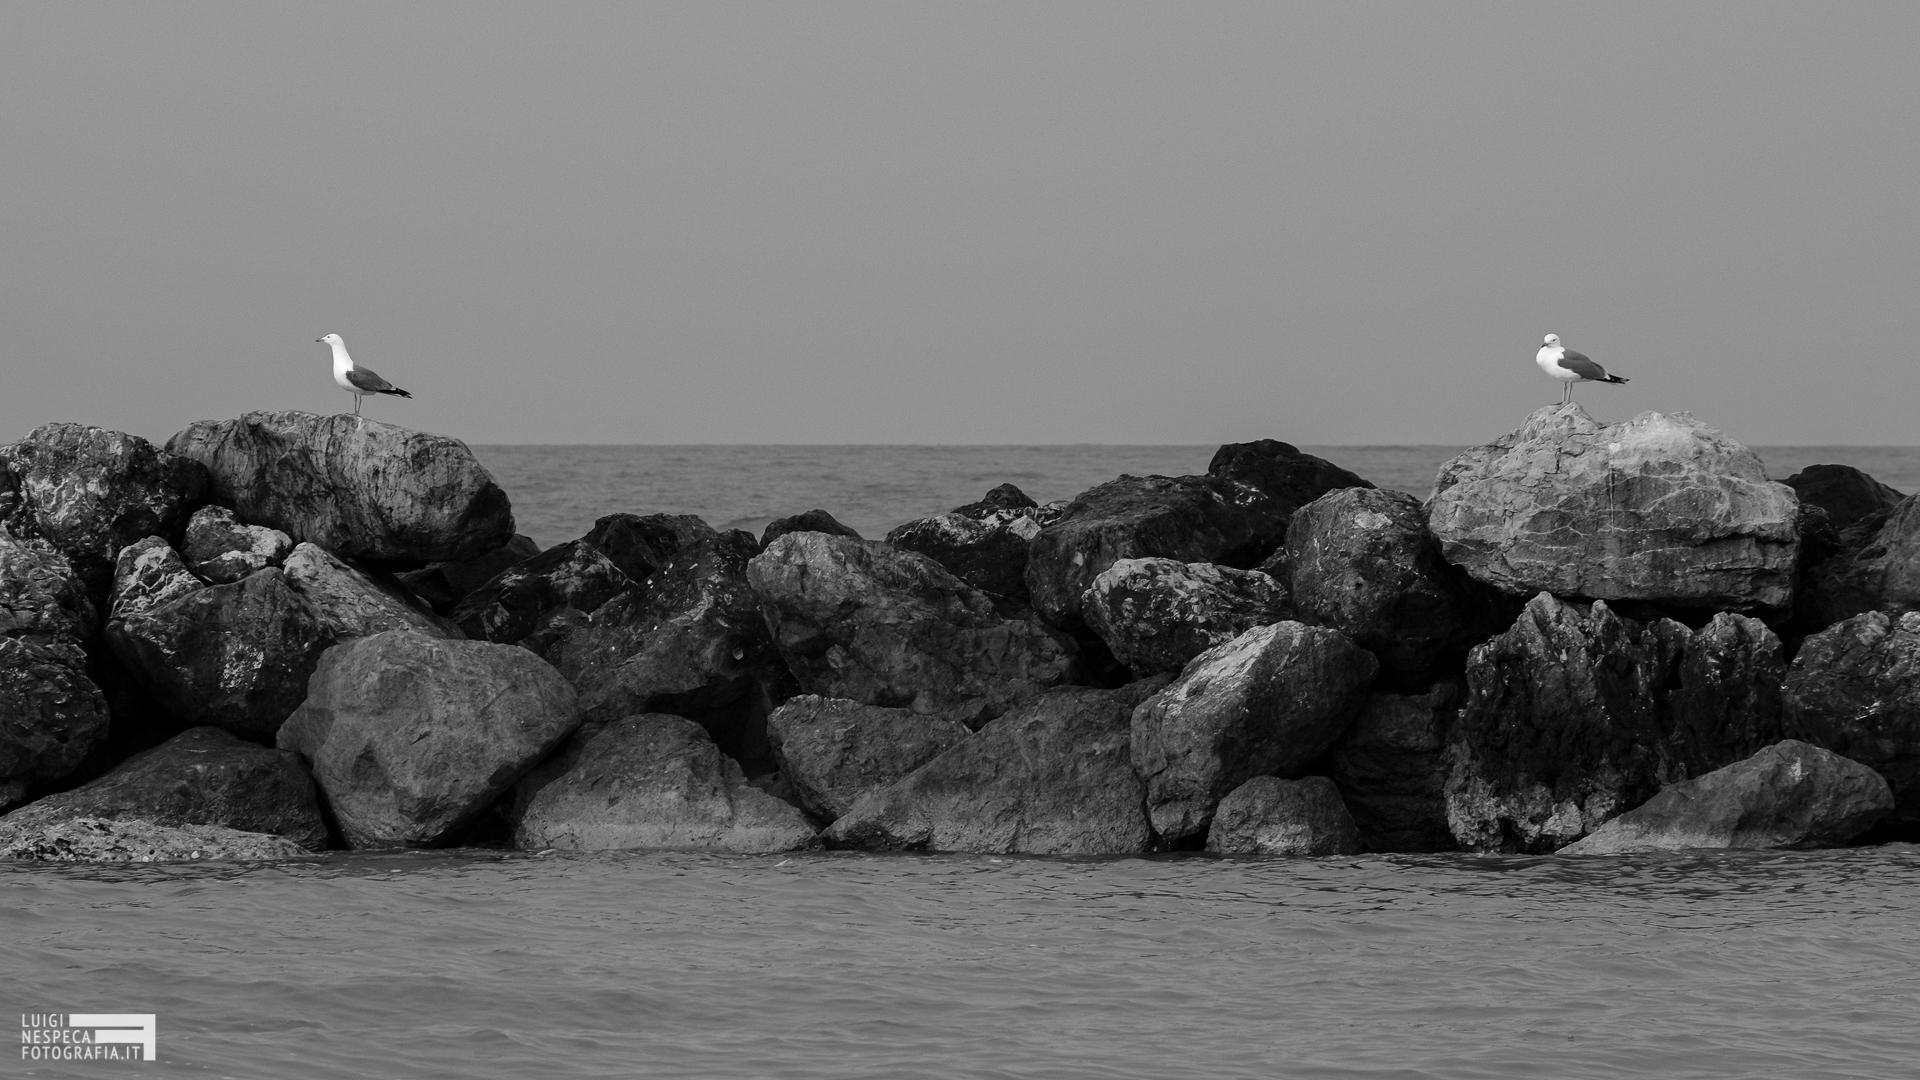 Il distanziamento sociale come spiegato dai gabbiani - Francavilla al Mare